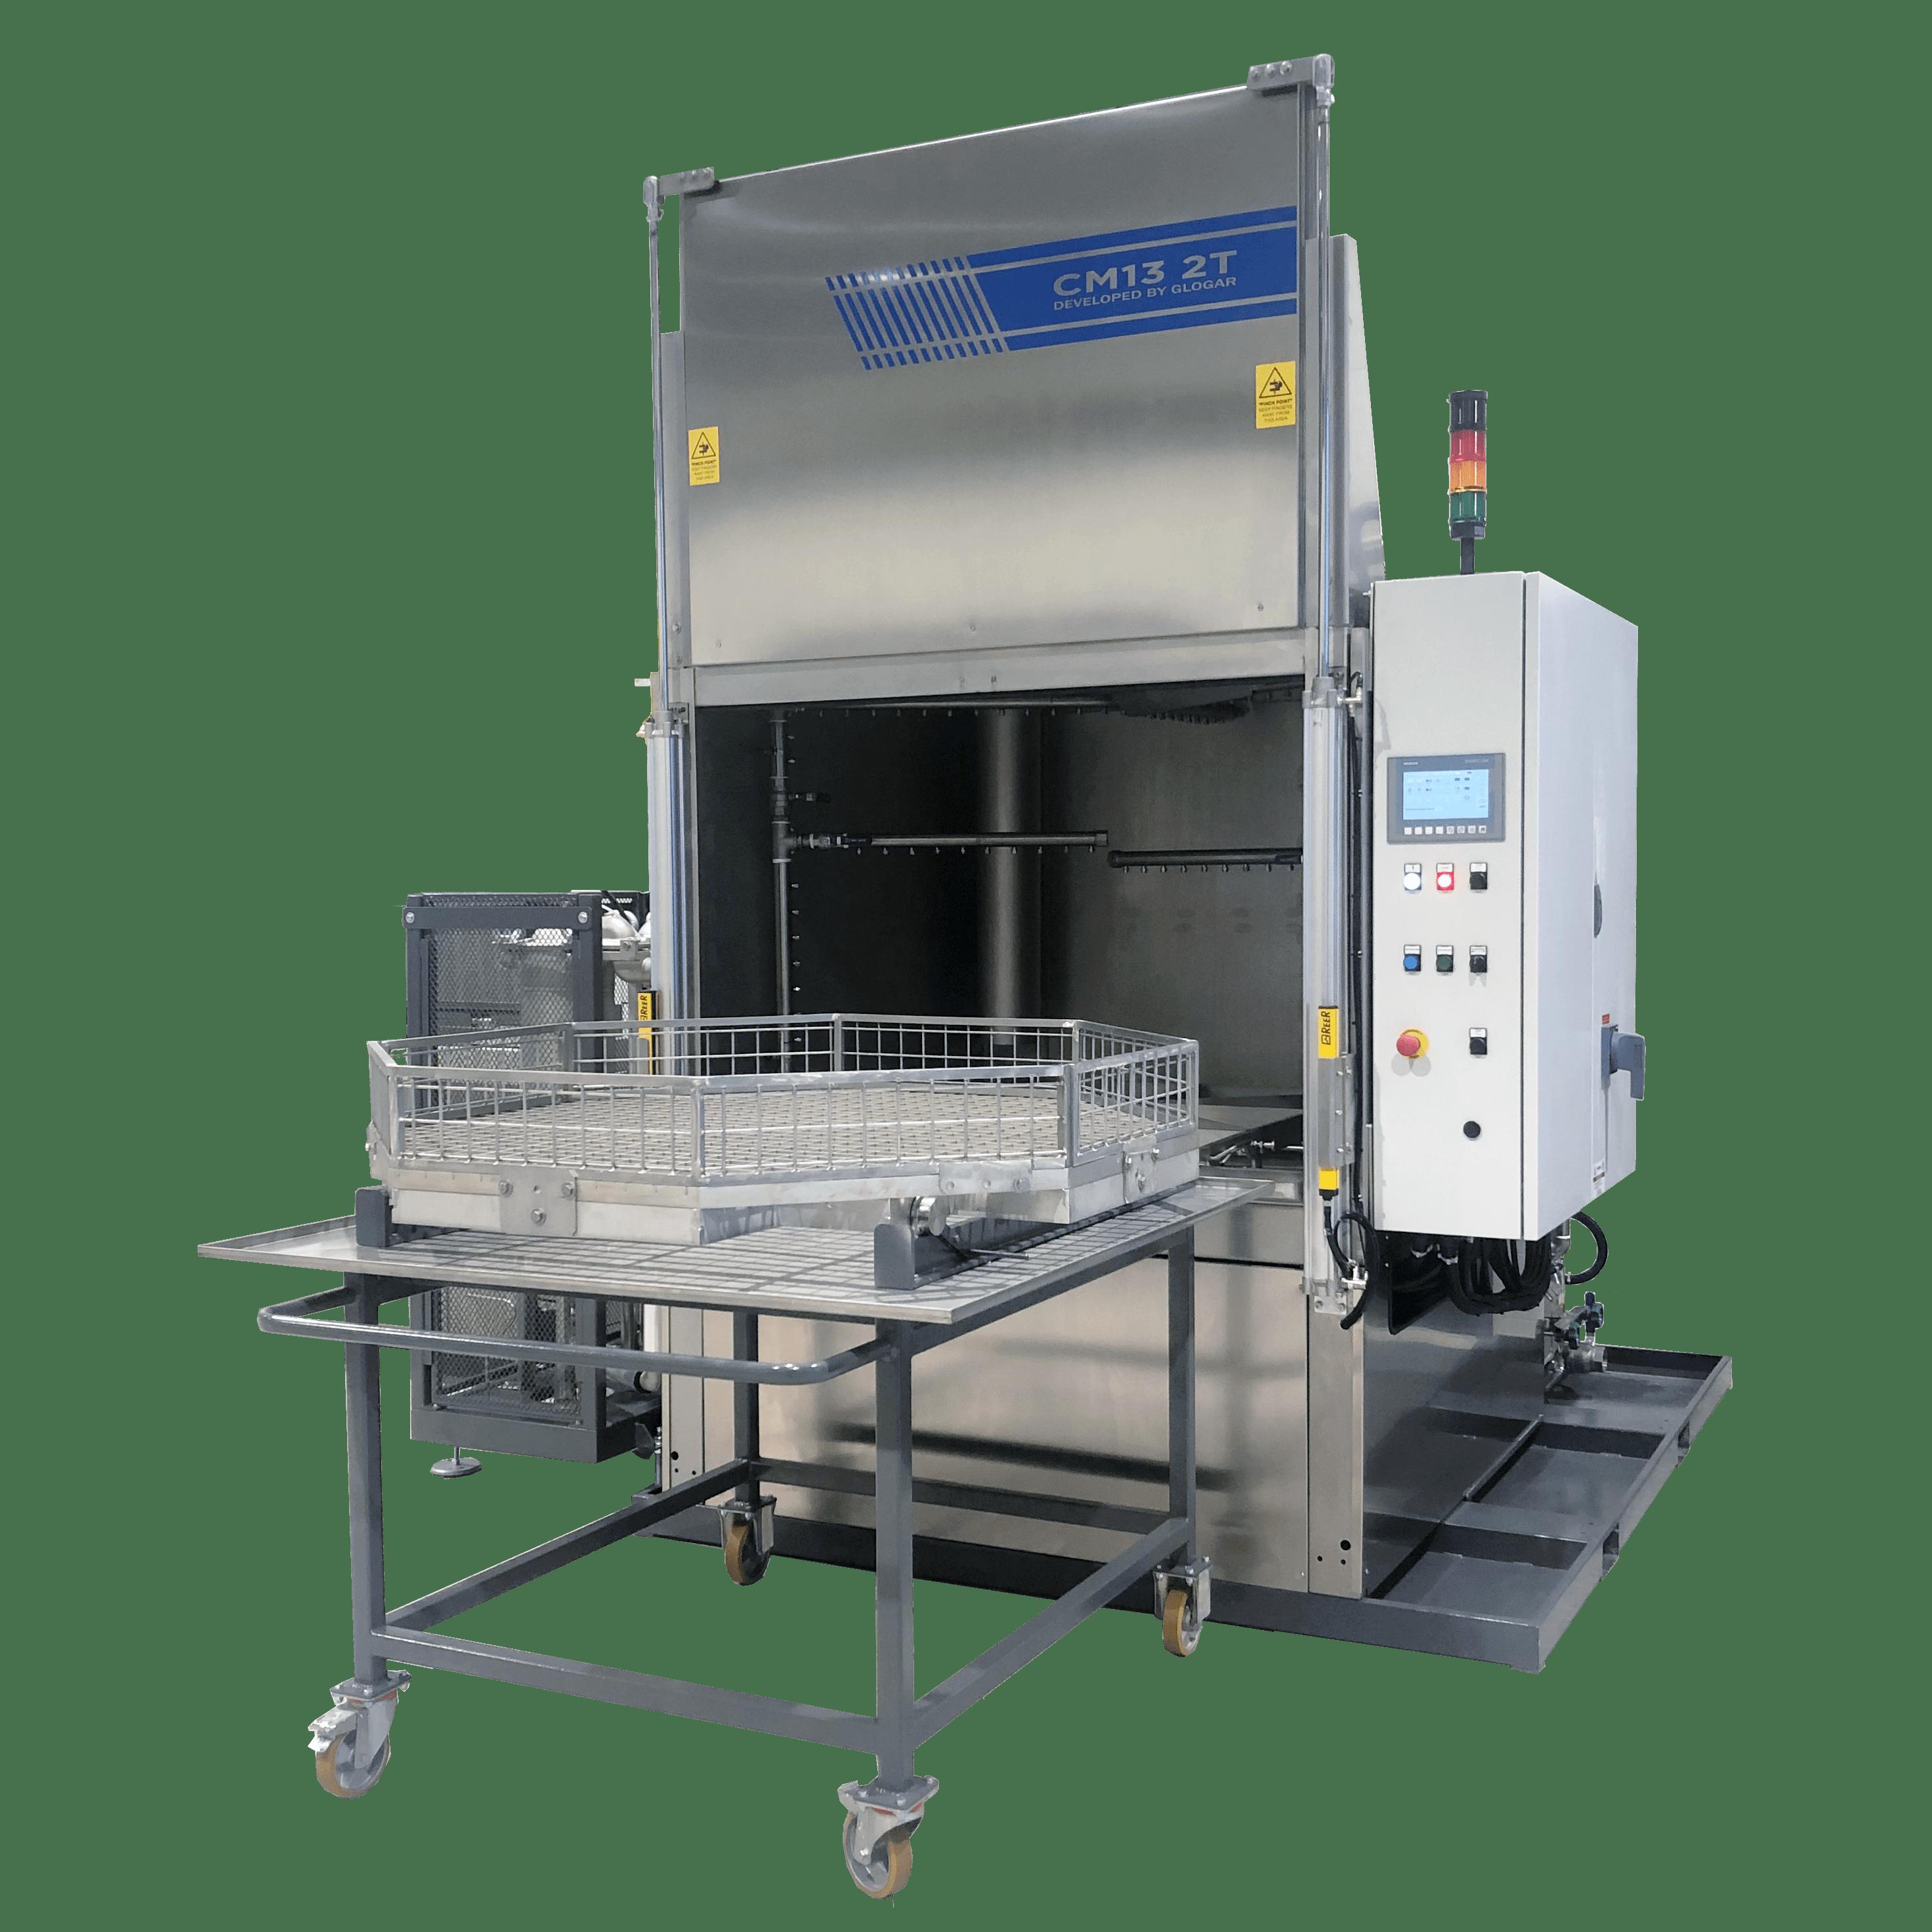 Metallreinigungsanlage CM 13 ist eine automatische Reinigungs- und Entfettungsanlage mit pneum. Hubtor und einem manuell herausfahrbaren Beschickungskorb